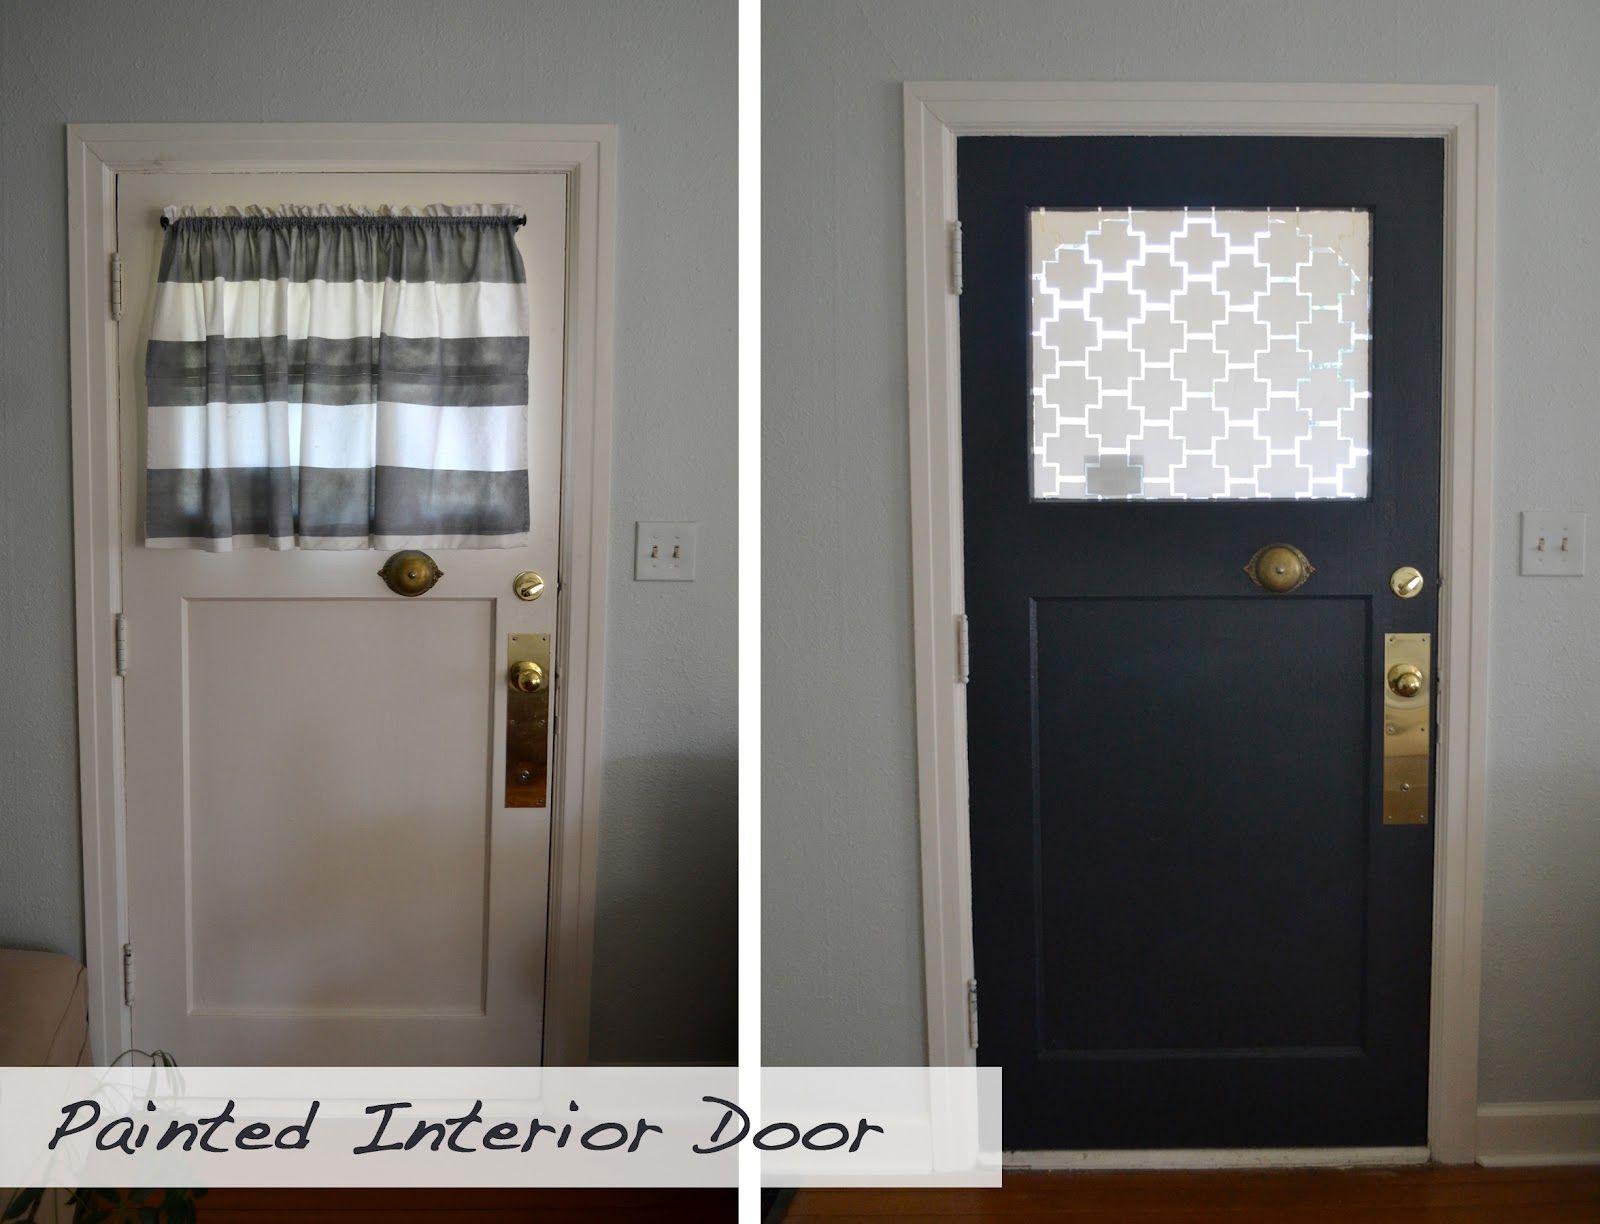 A Home In The Making Renovate Painted Interior Front Door Front Doors With Windows Front Door Curtains Front Door Window Covering